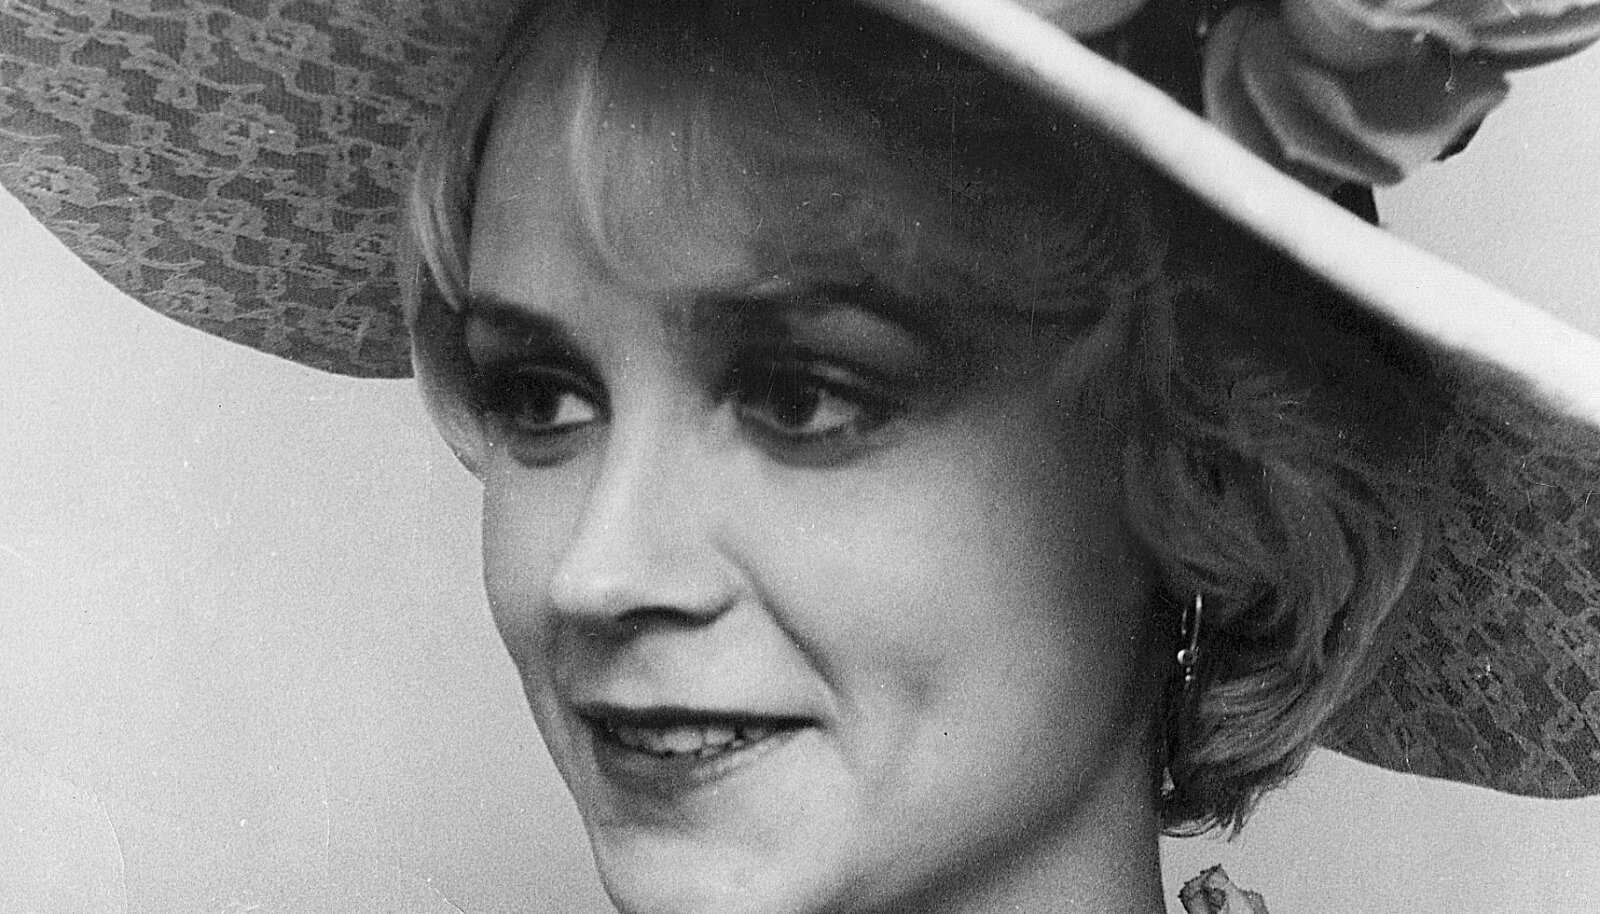 """ROOSIAIA KUNINGANNAKS SAAMINE 1979. aastal kutsuti Anne solistiks Vitamiini, mis oli sel ajal väga populaarne ansambel. Esimesed Anne hitid saidki salvestatud Vitamiiniga.Ansambli geniaalne produtsent Jüri Mitt mõtles välja Anne esimese efektse väljatuleku ansambli koosseisus roosidega kaunistatud laia kübaraga ja pikas lillelises kleidis selleks, et laulda laulu """"Roosiaia kuninganna"""" tollel ajal väga vaadatavas telesaates """"Reklaamiklubi"""". Selline väljatulek jäi rahvale kohe meelde ja roosiaia kuninganna Anne Veski oligi sündinud."""